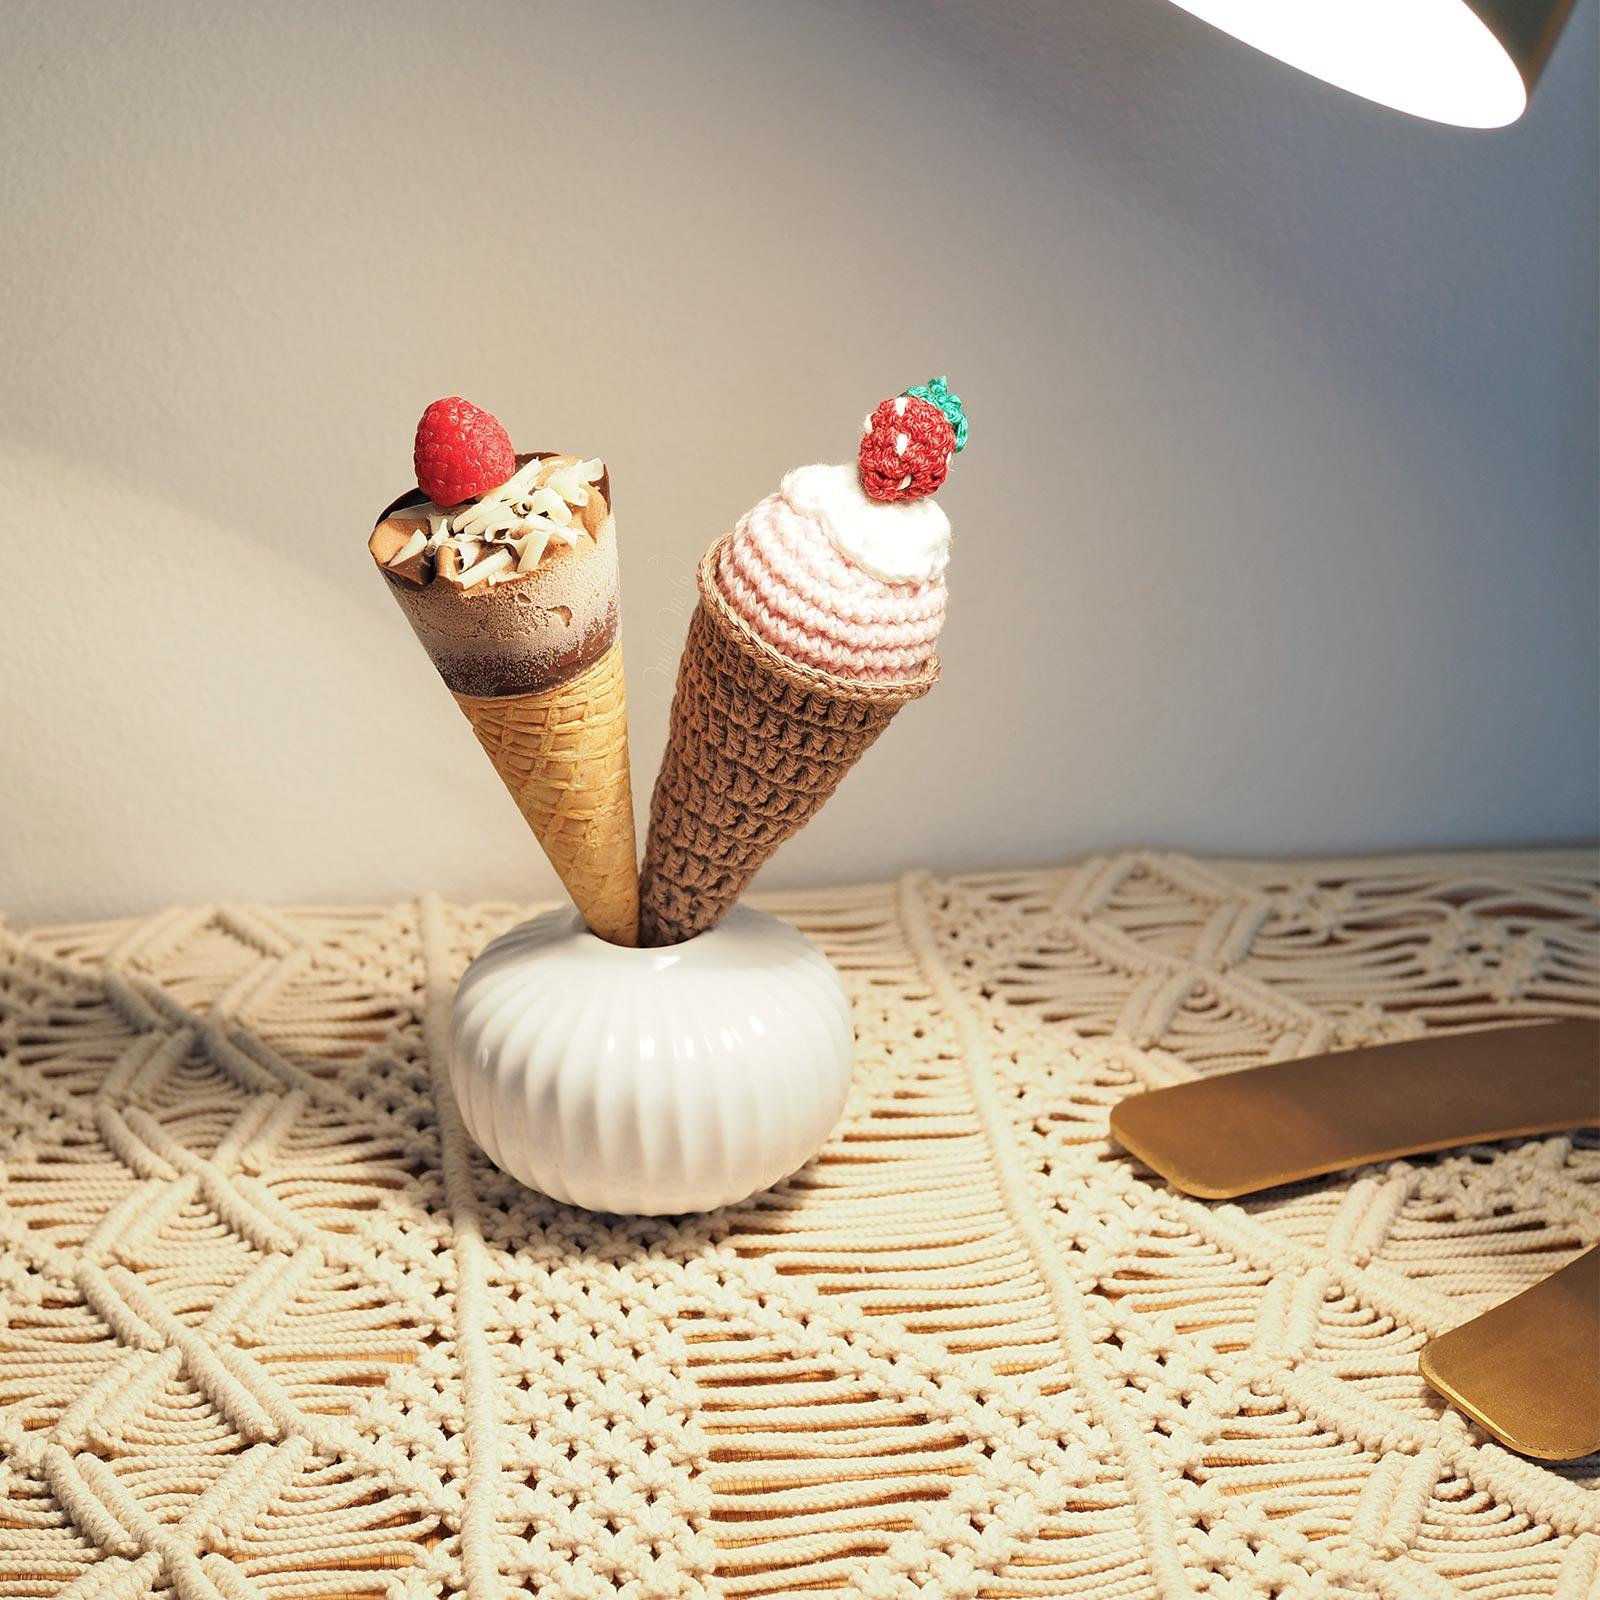 cornet-glace-fraise-chocolat-crochet-coton-ricorumi-laboutiquedemelimelo